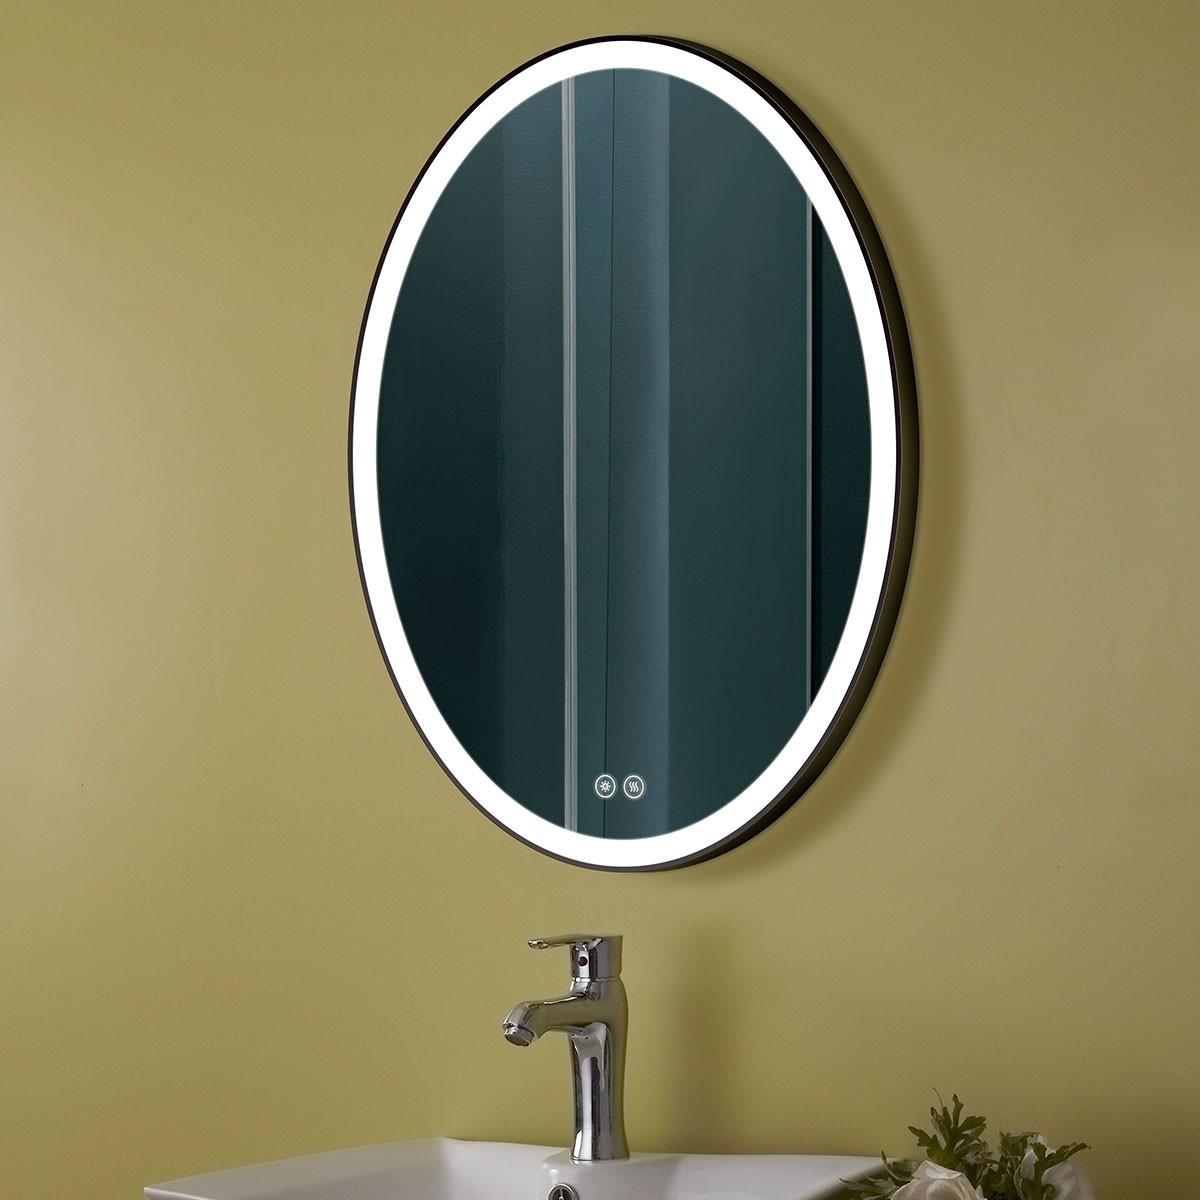 DECORAPORT 24 x 32 Po Miroir de Salle de Bain LED/Miroir Chambre avec Bouton Tactile, Anti-Buée, Luminosité Réglable, Montage Vertical (D1102-2432)